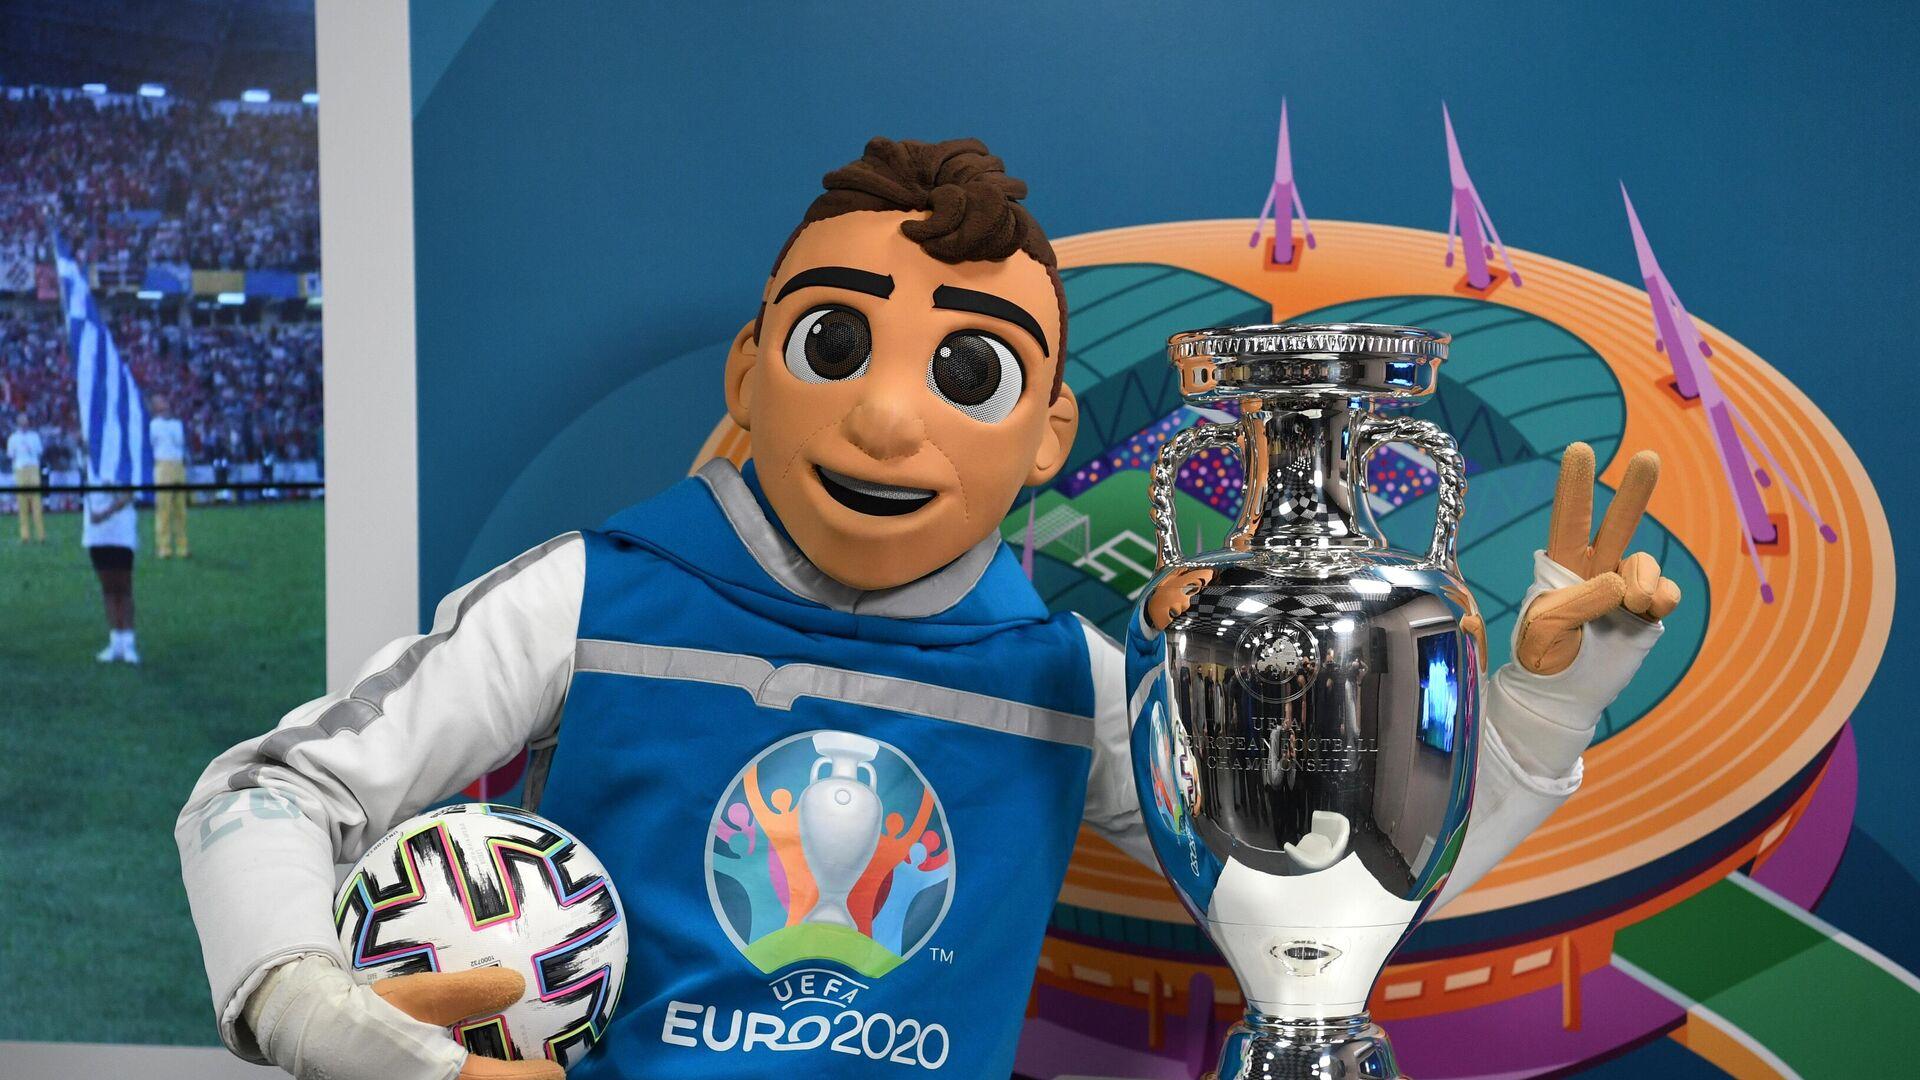 Oficiální maskot EURO 2020 a trofej - Sputnik Česká republika, 1920, 13.06.2021